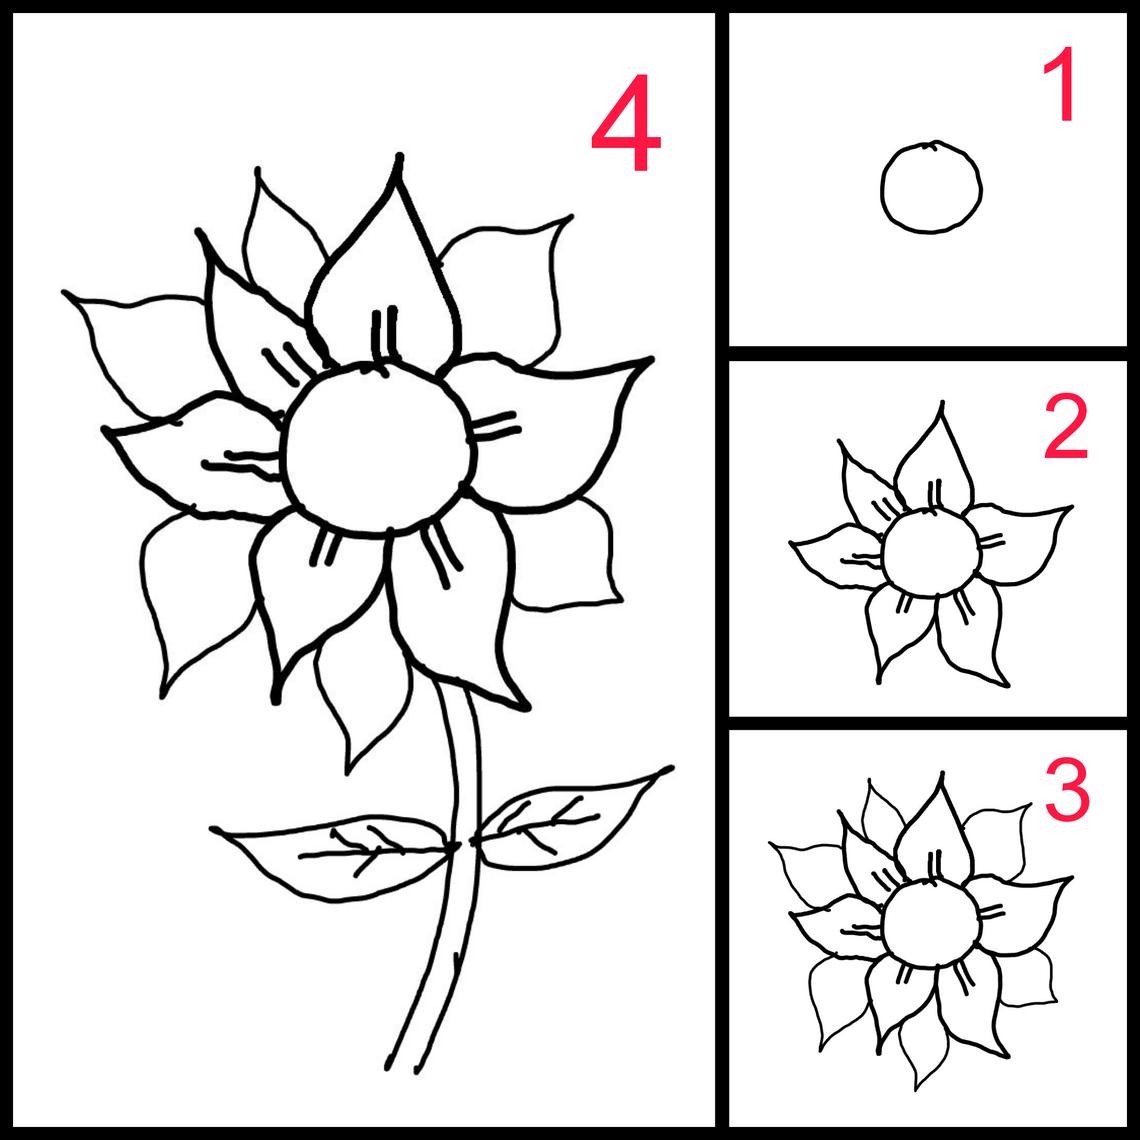 Cara Mudah Mengajari Anak Anak Menggambar Bunga Matahari Menggambar Bunga Matahari Menggambar Bunga Bunga